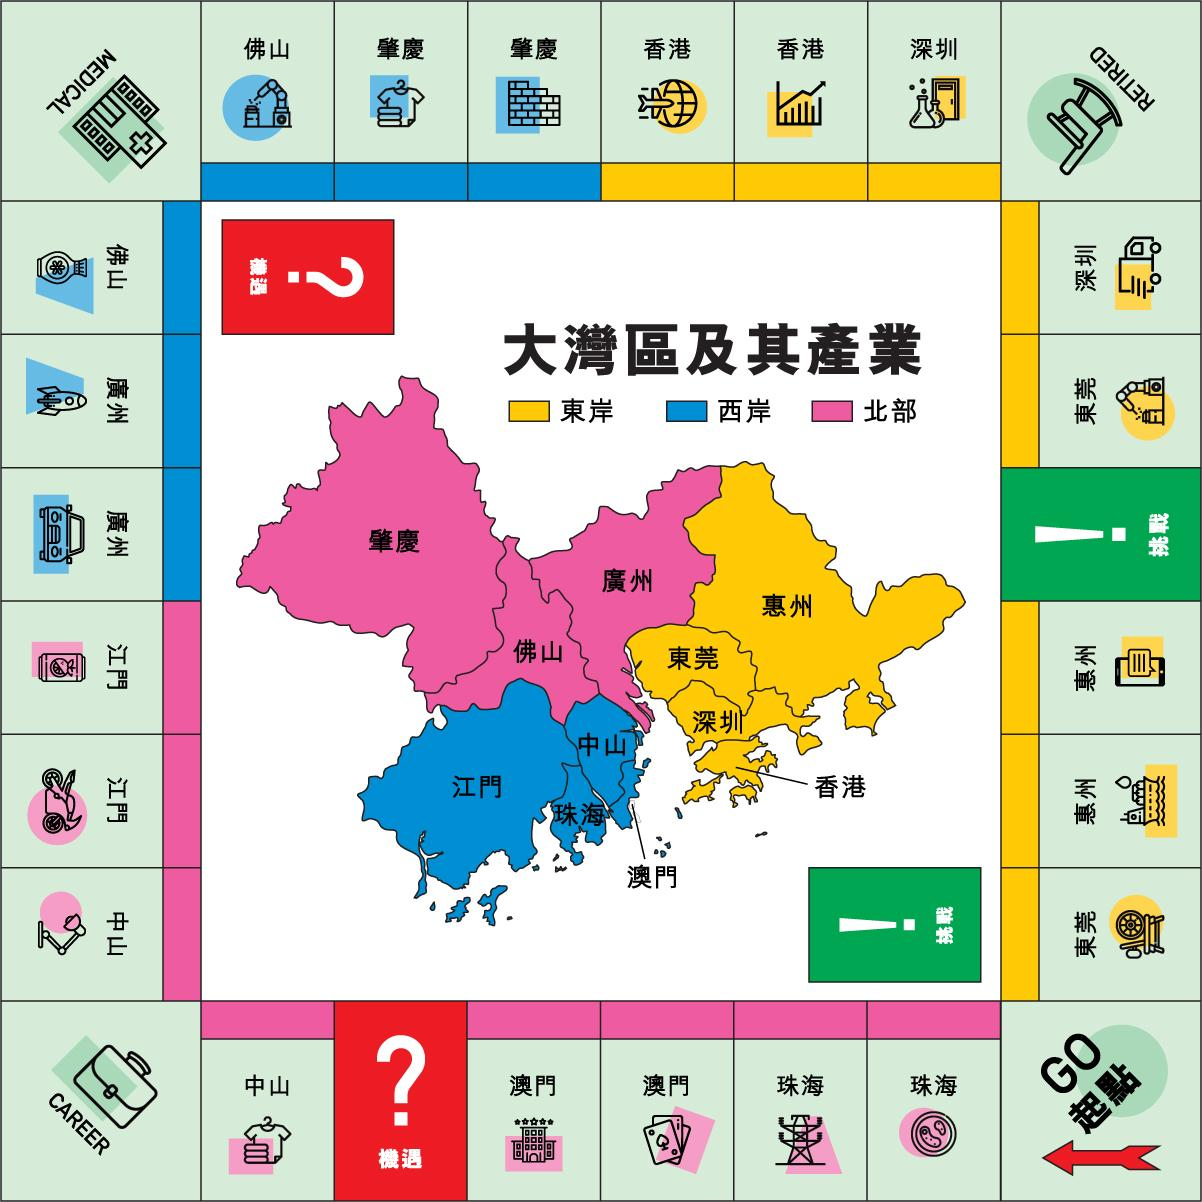 ls_diagram_tujieguoqing_v3-04